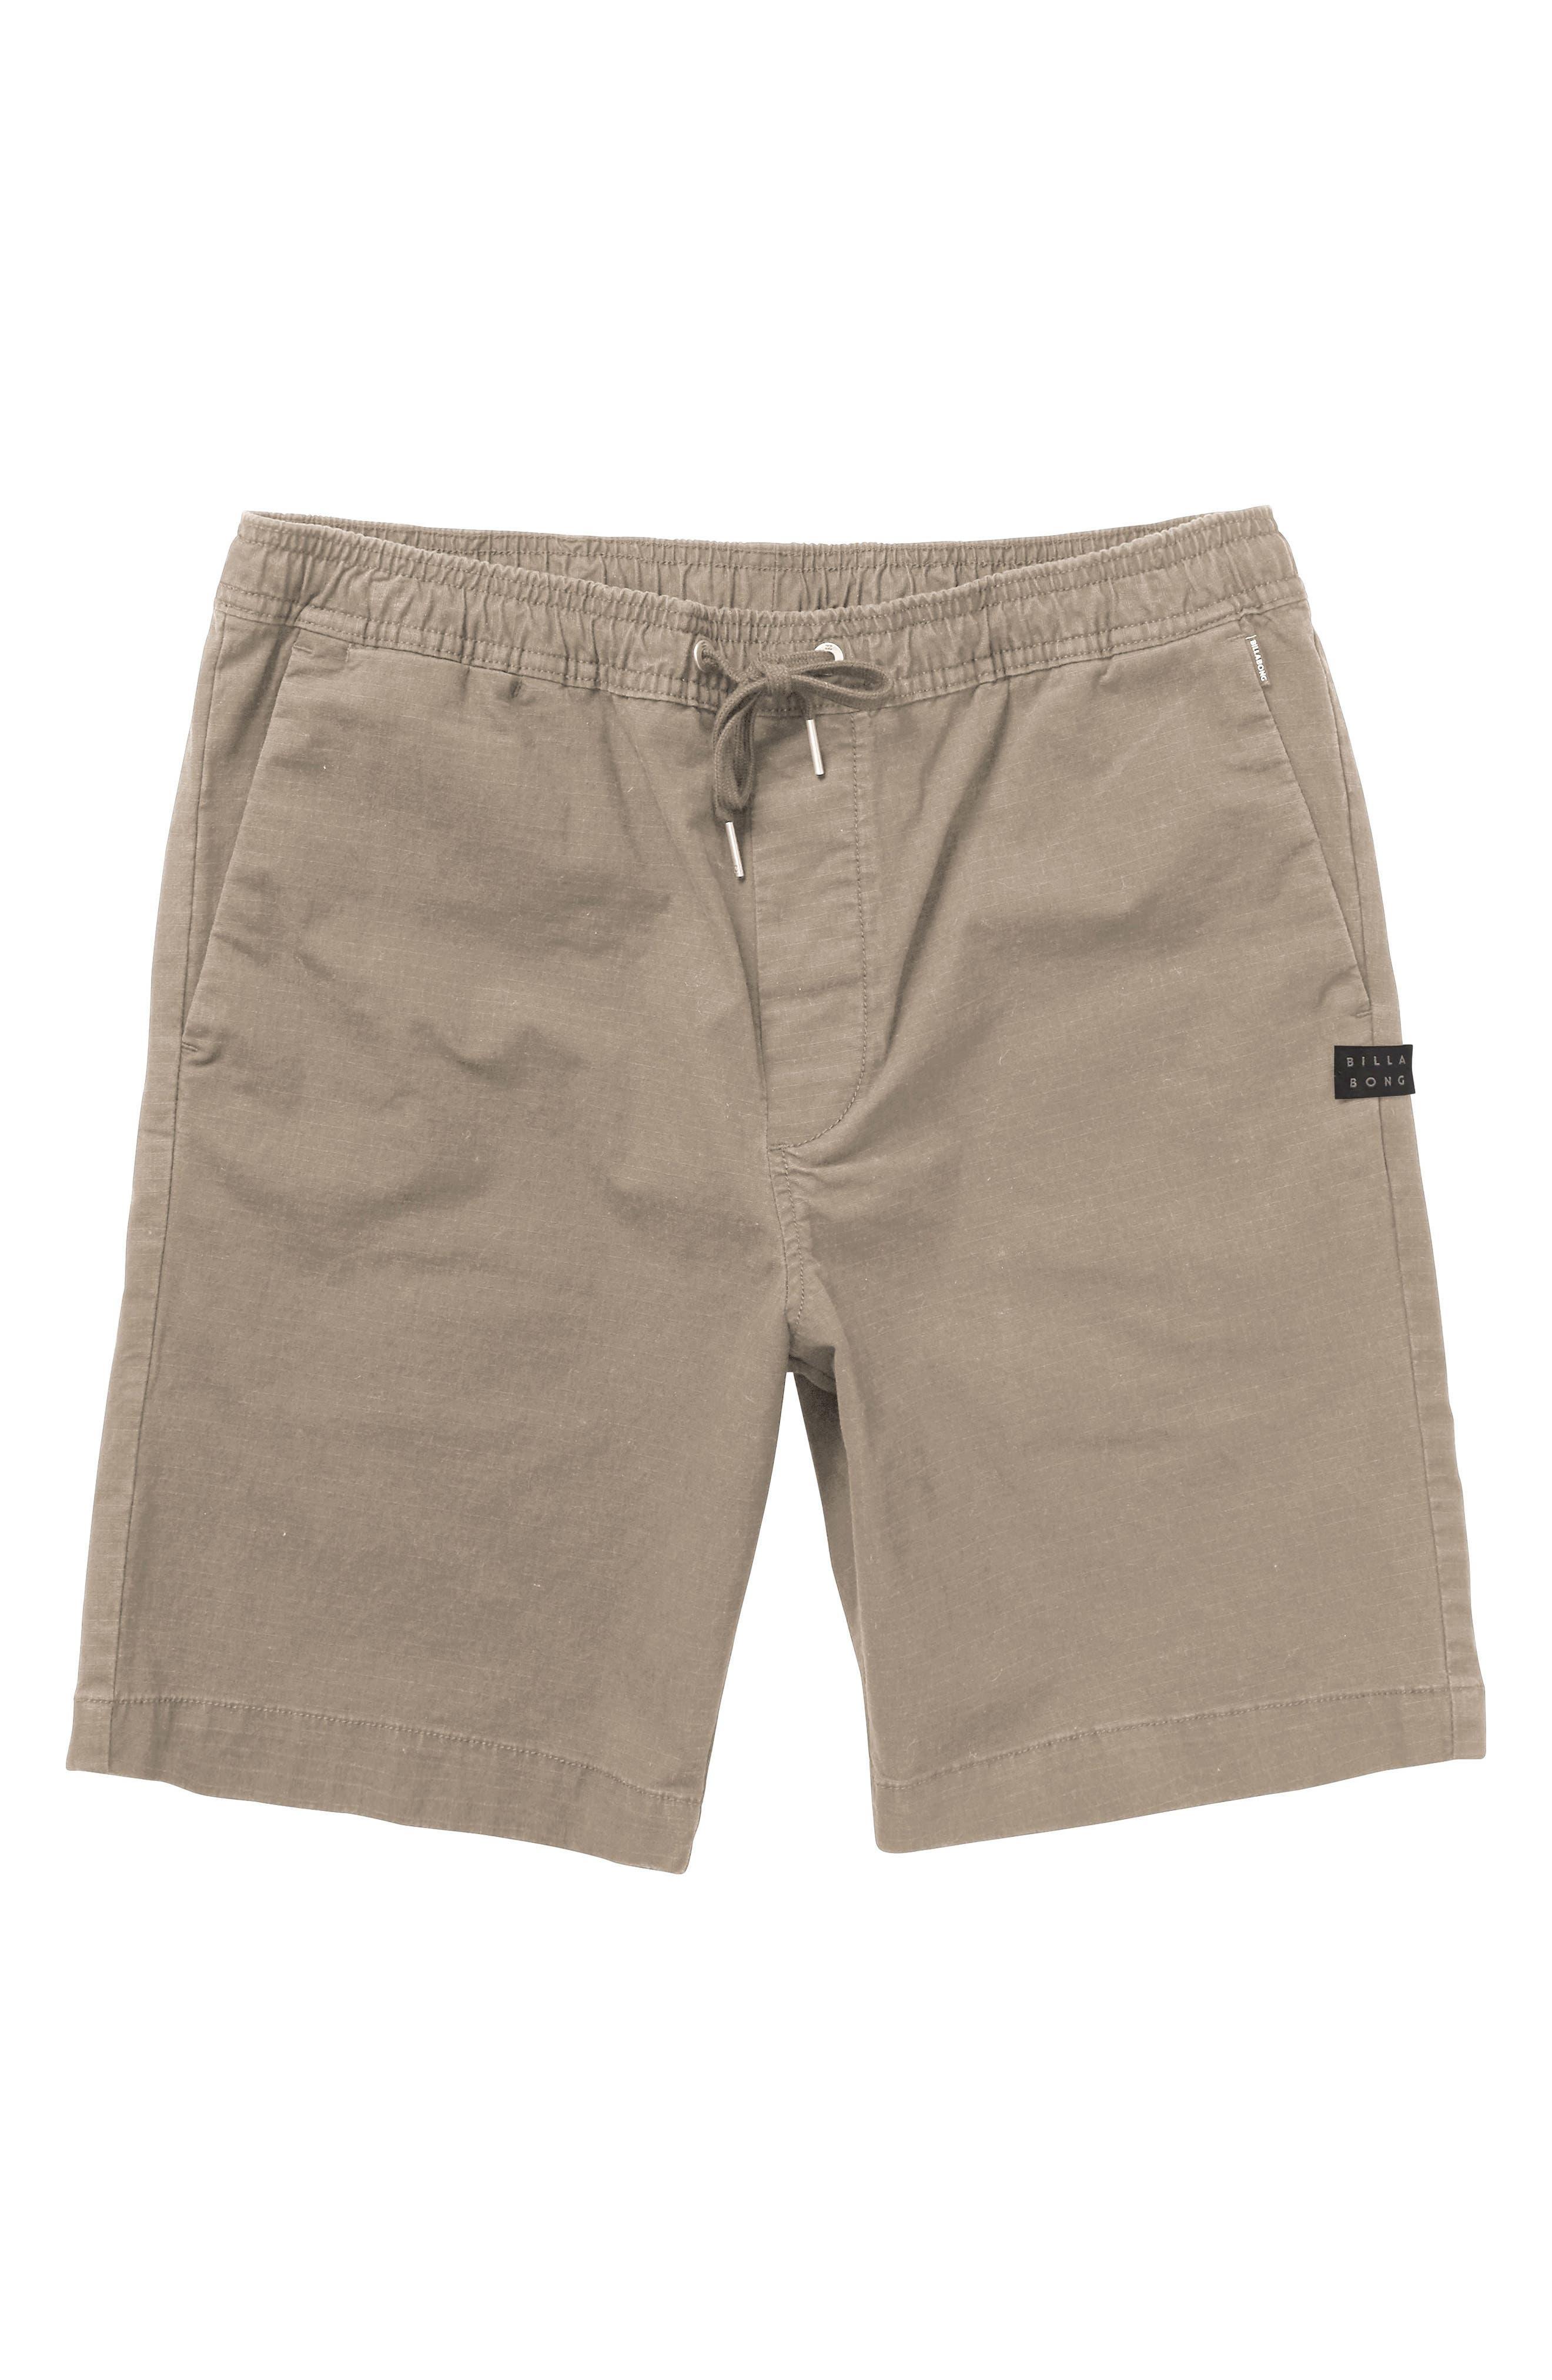 Larry Layback Shorts,                             Main thumbnail 1, color,                             260